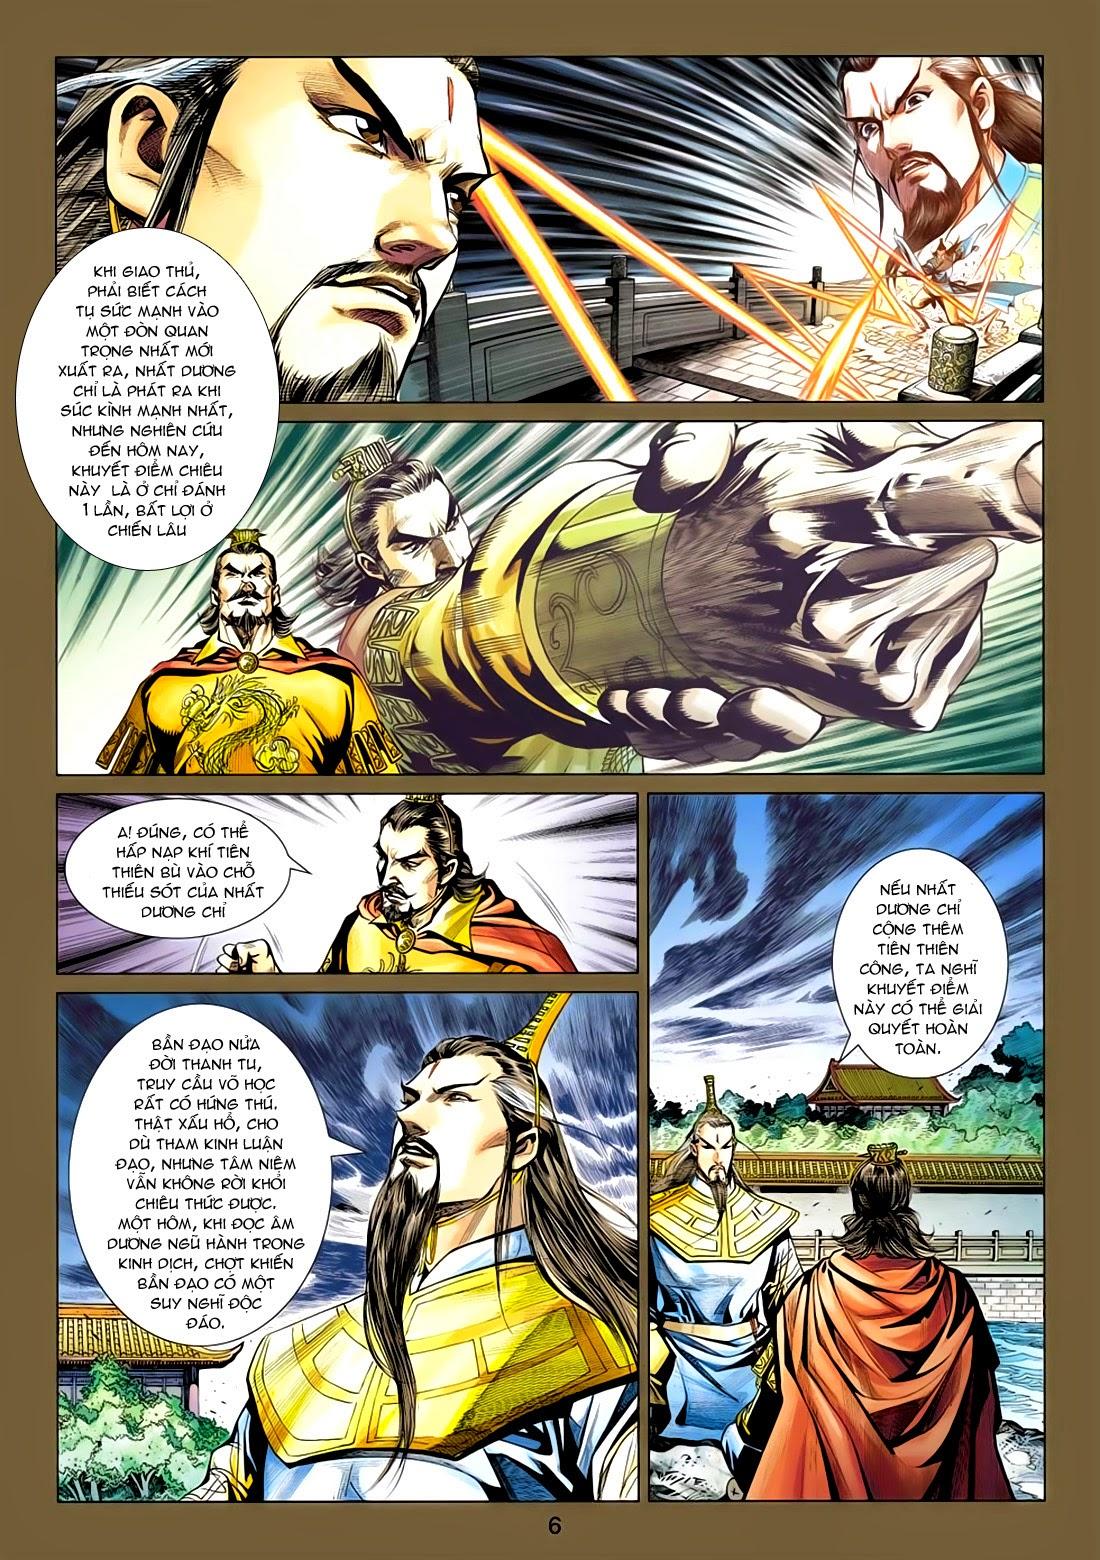 Anh Hùng Xạ Điêu anh hùng xạ đêu chap 77: thế thượng tối cường võ công trang 6